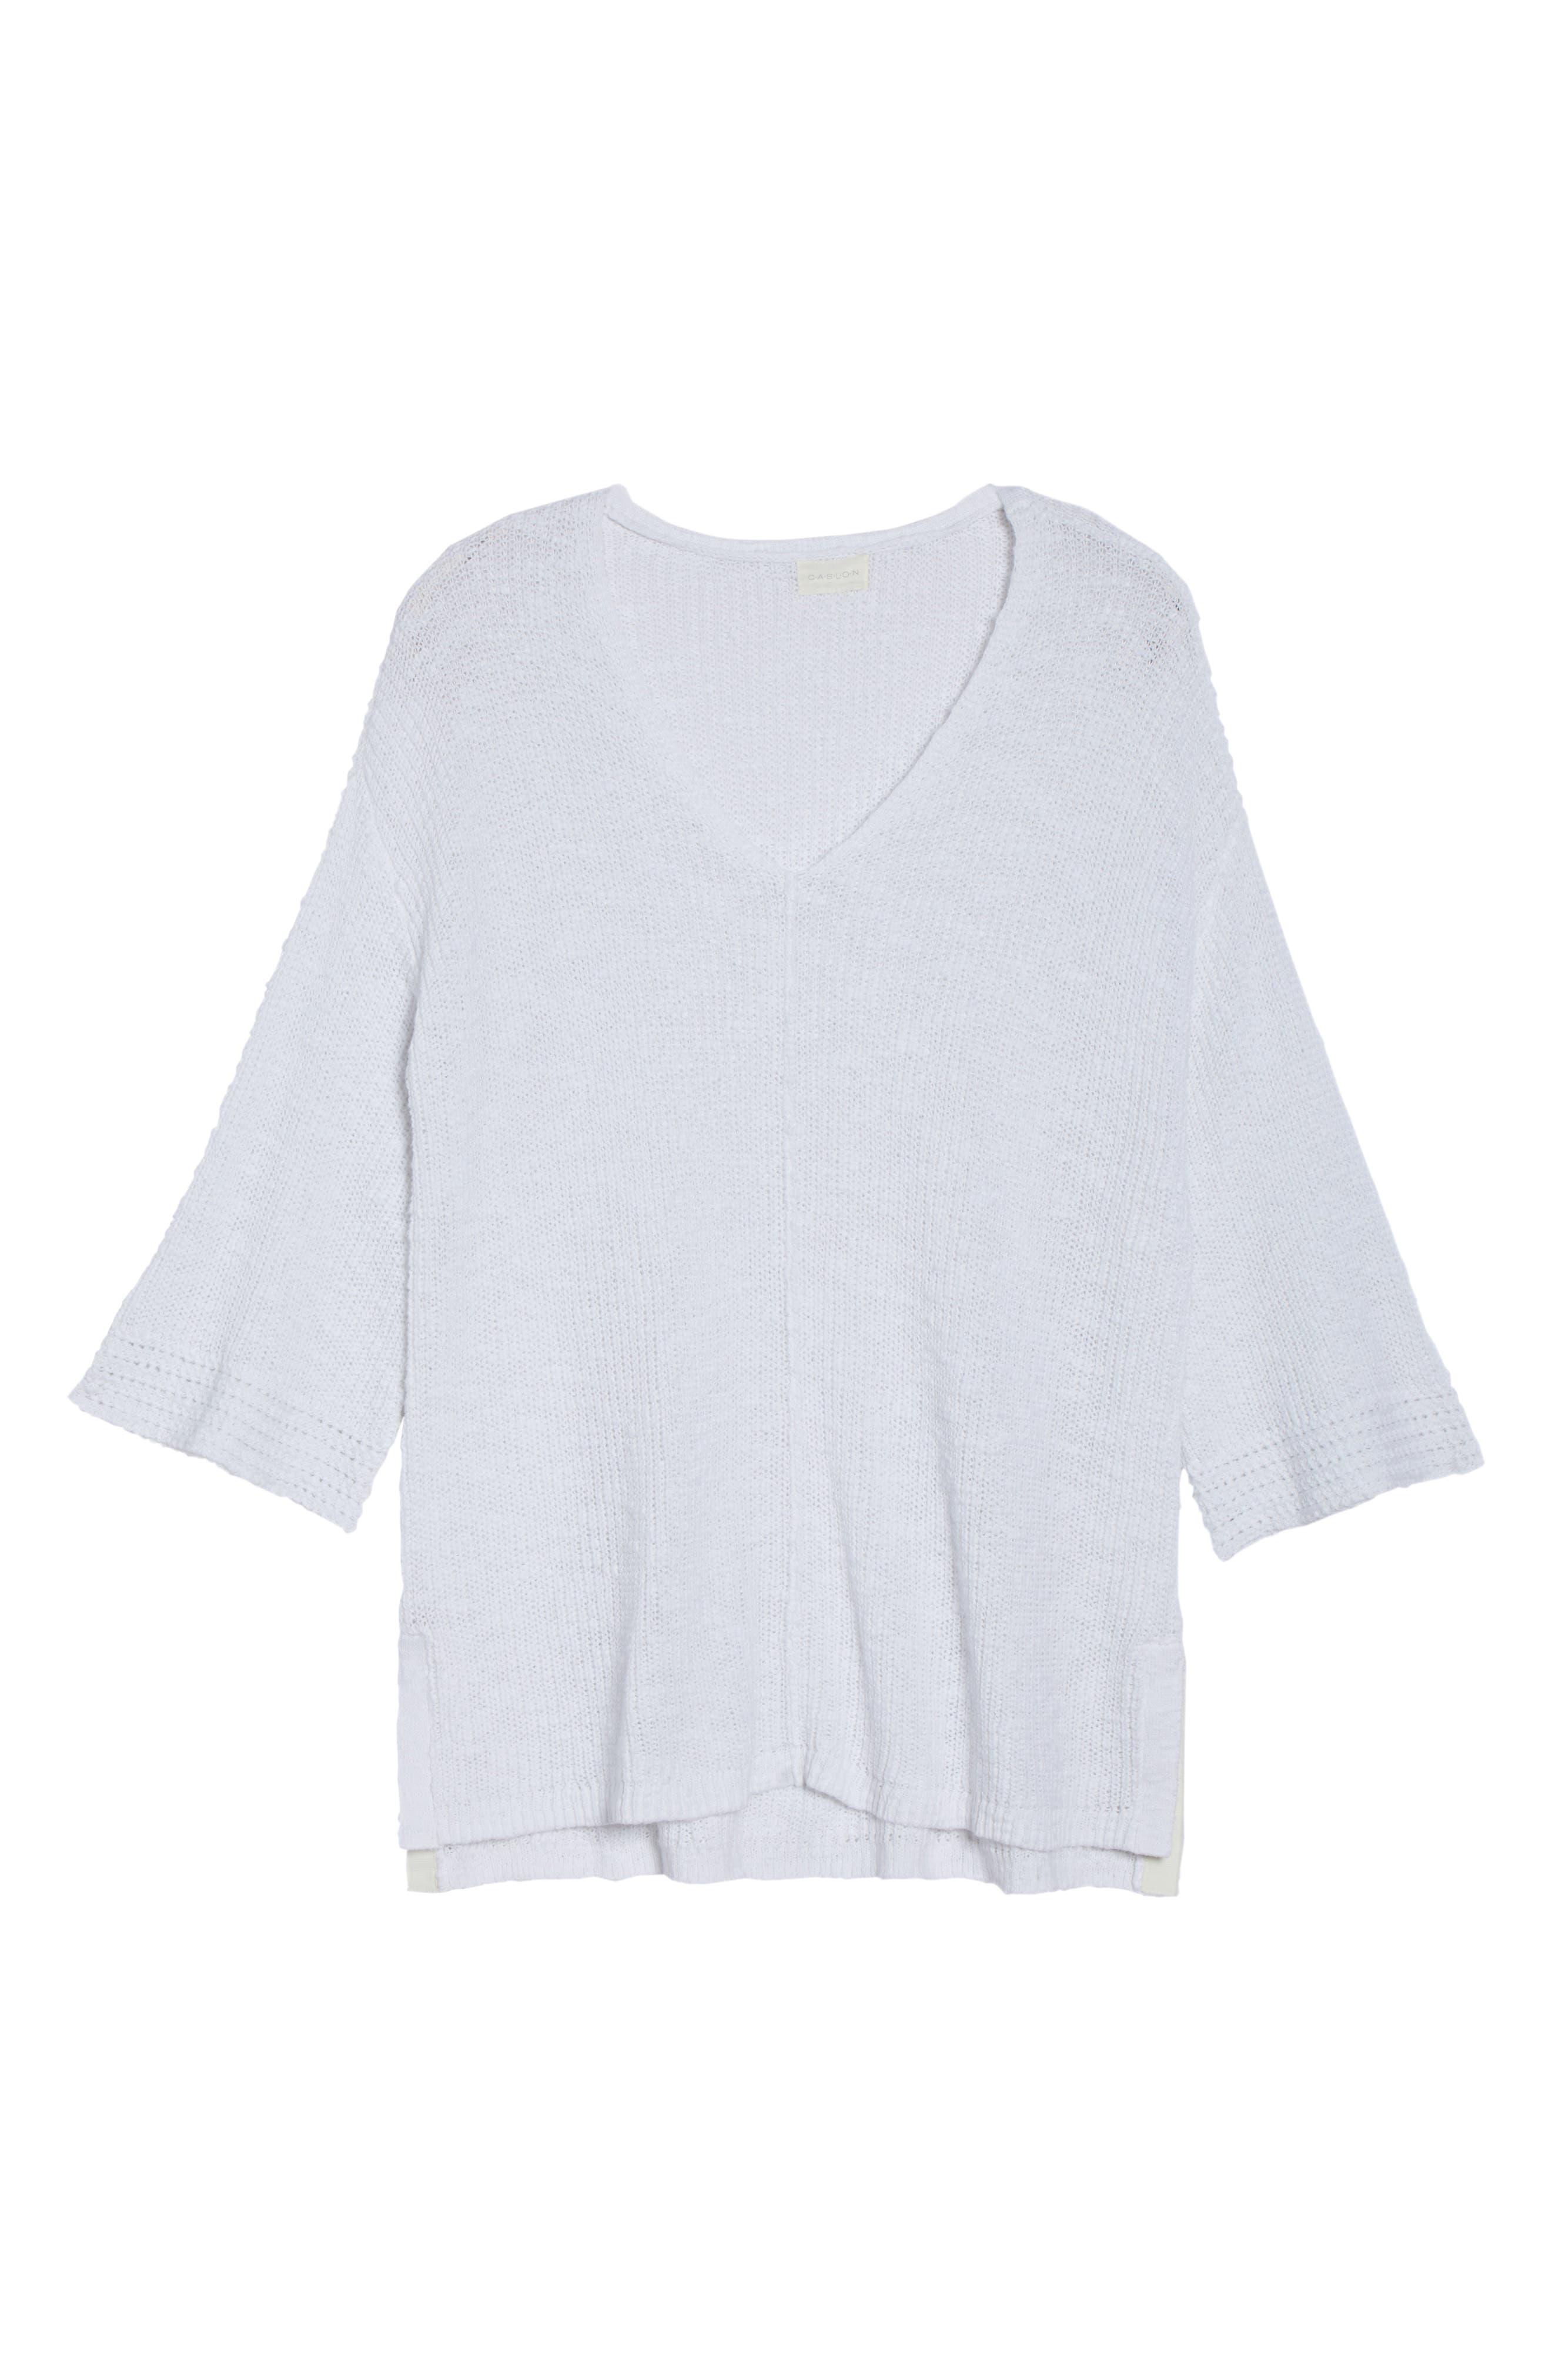 Hidden Snap V-Neck Sweater,                             Alternate thumbnail 7, color,                             White